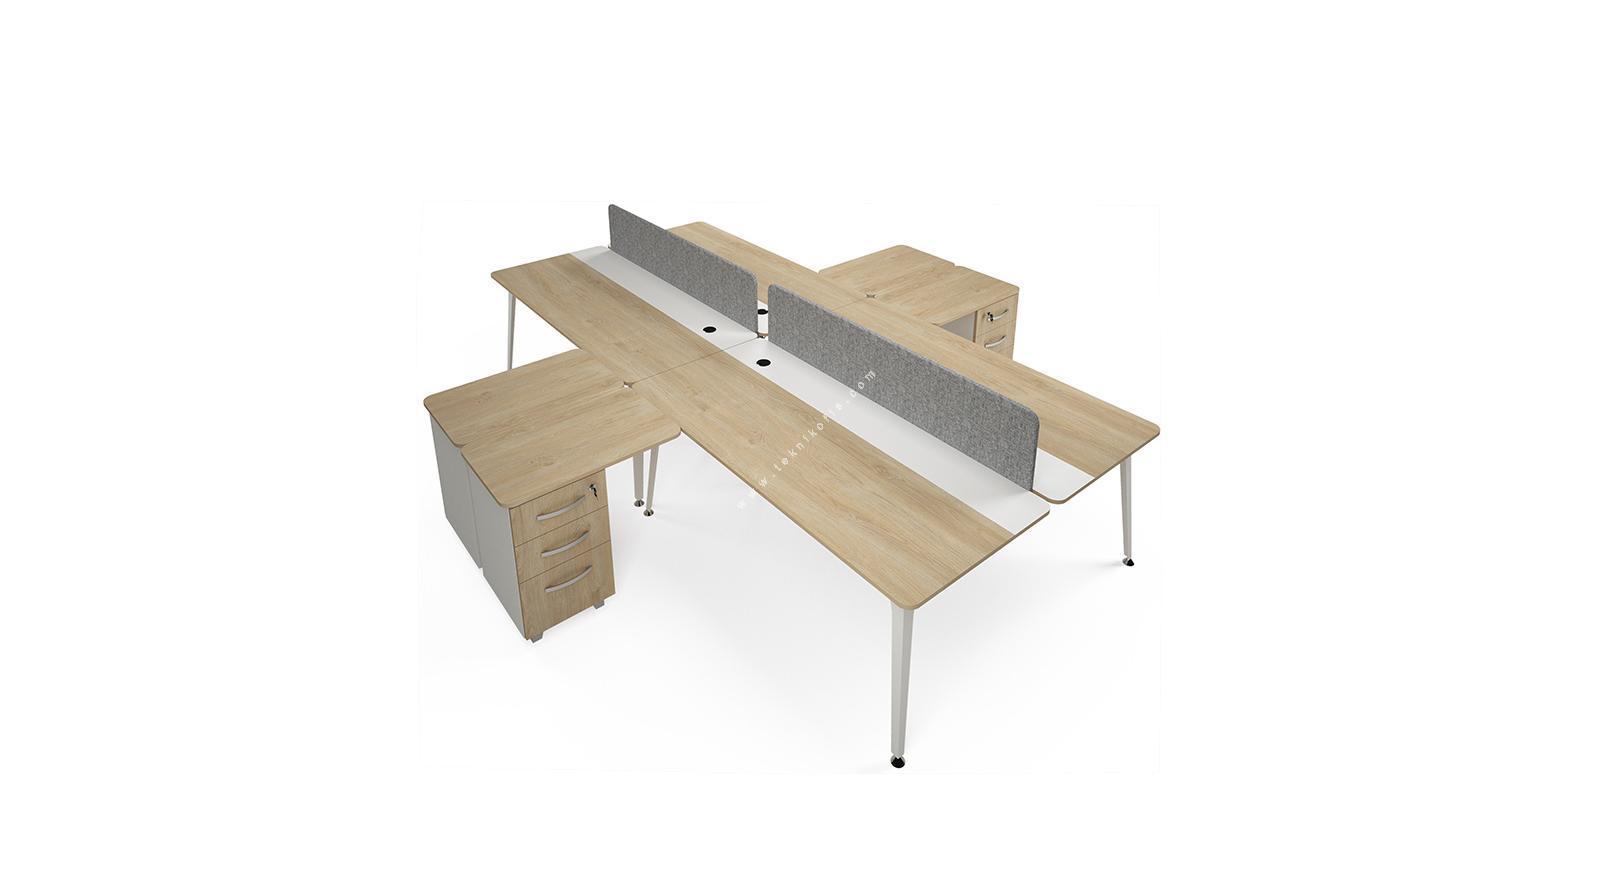 rediste kumaş seperatörlü kesonlu dörtlü çalışma masası 320cm